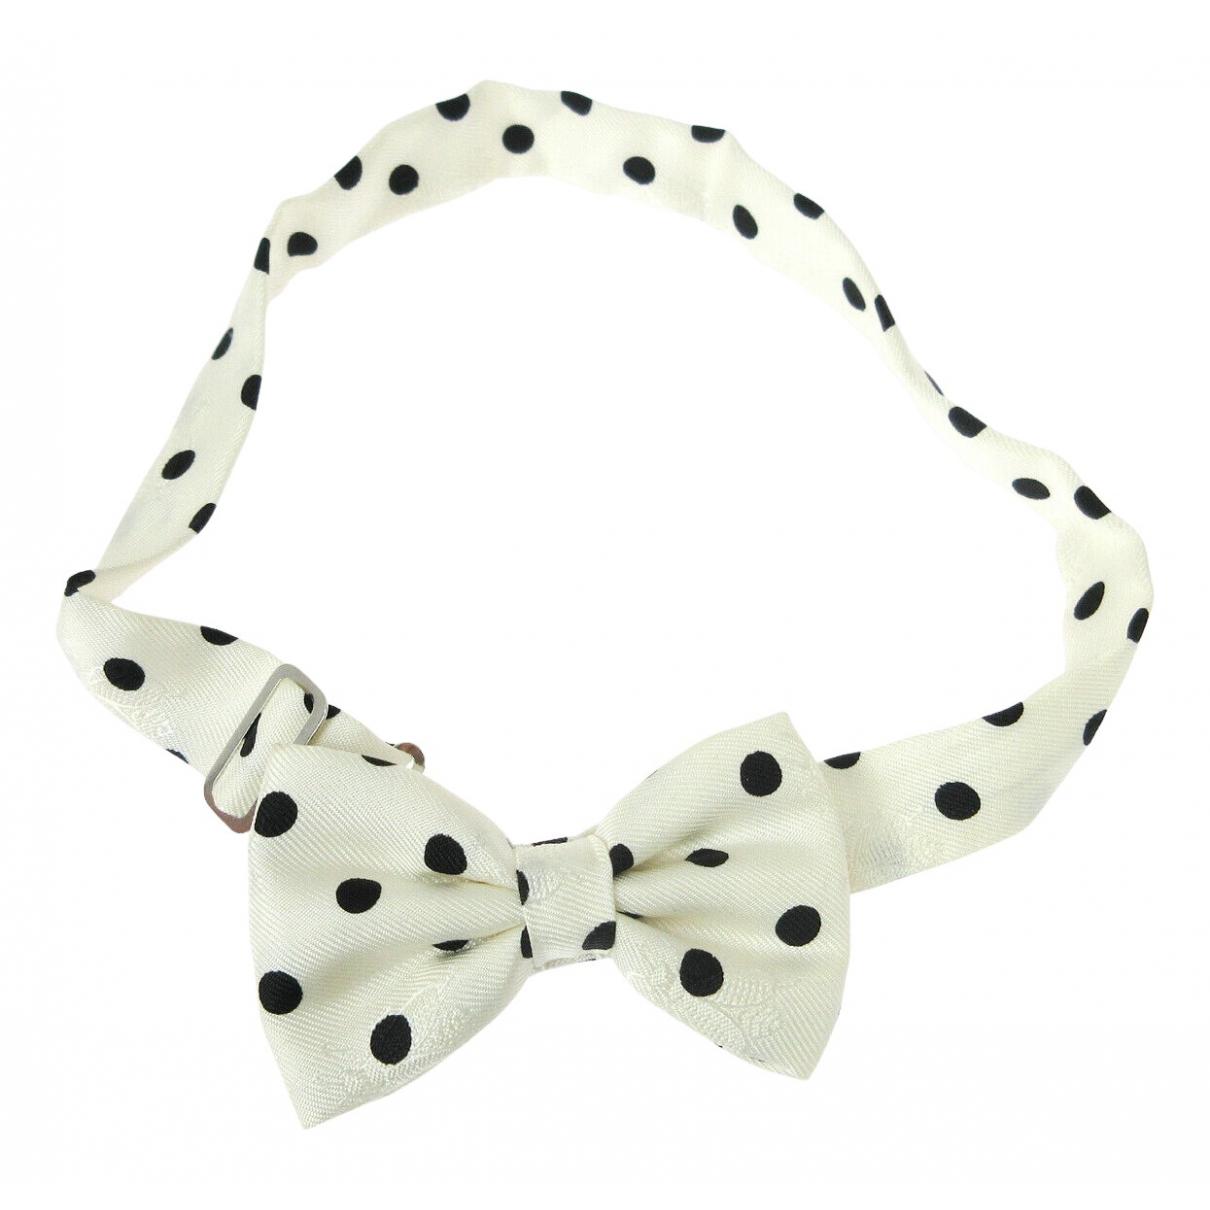 Hermes - Cravates Noeud Papillon pour homme en soie - blanc